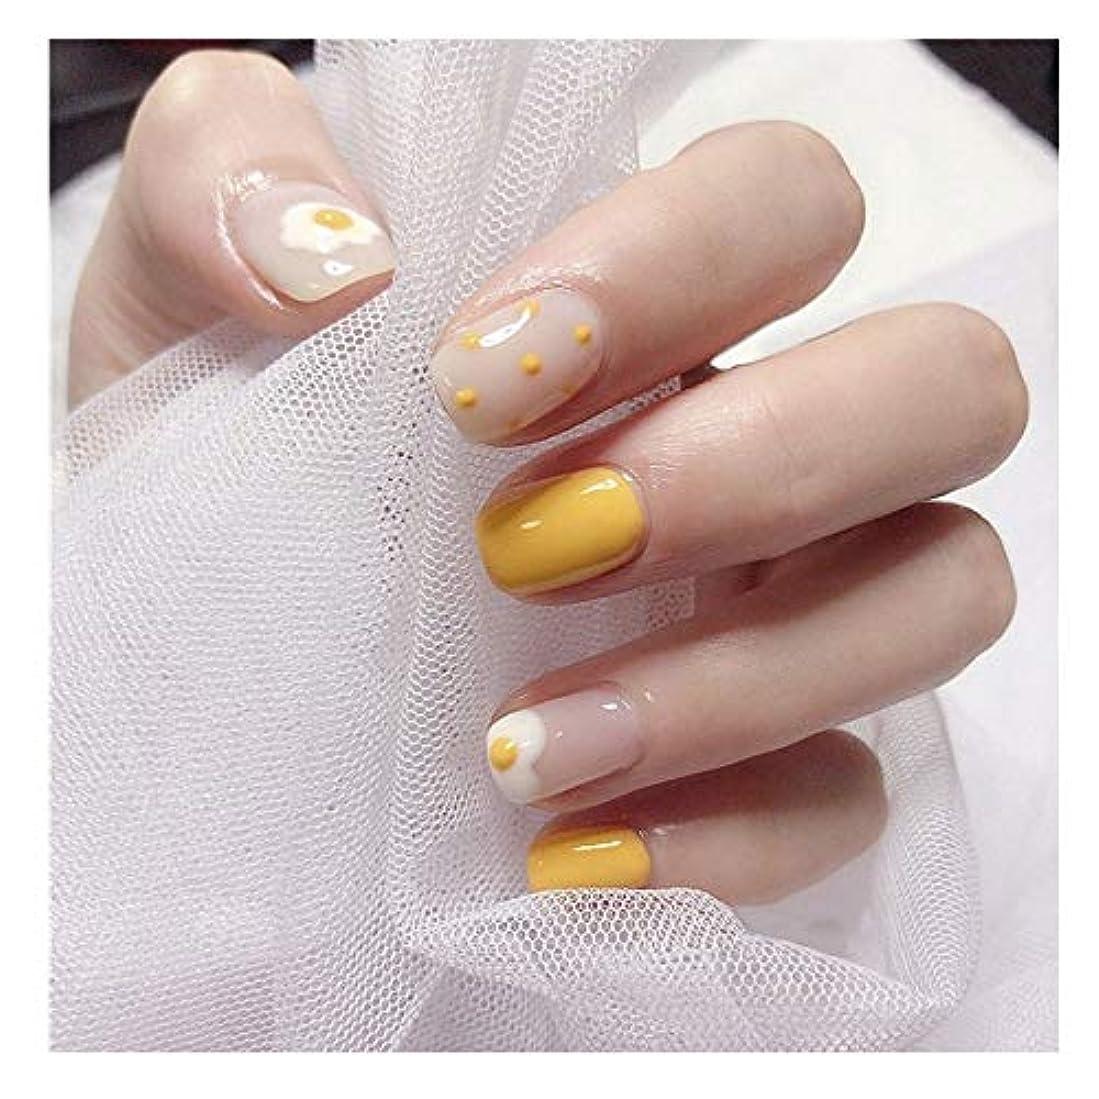 隣接するライセンス流産BOBIDYEE 黄色の卵偽の釘のショートスクエアネイルグルー完成ネイルアートフェイクネイルズ (色 : 24 pieces)